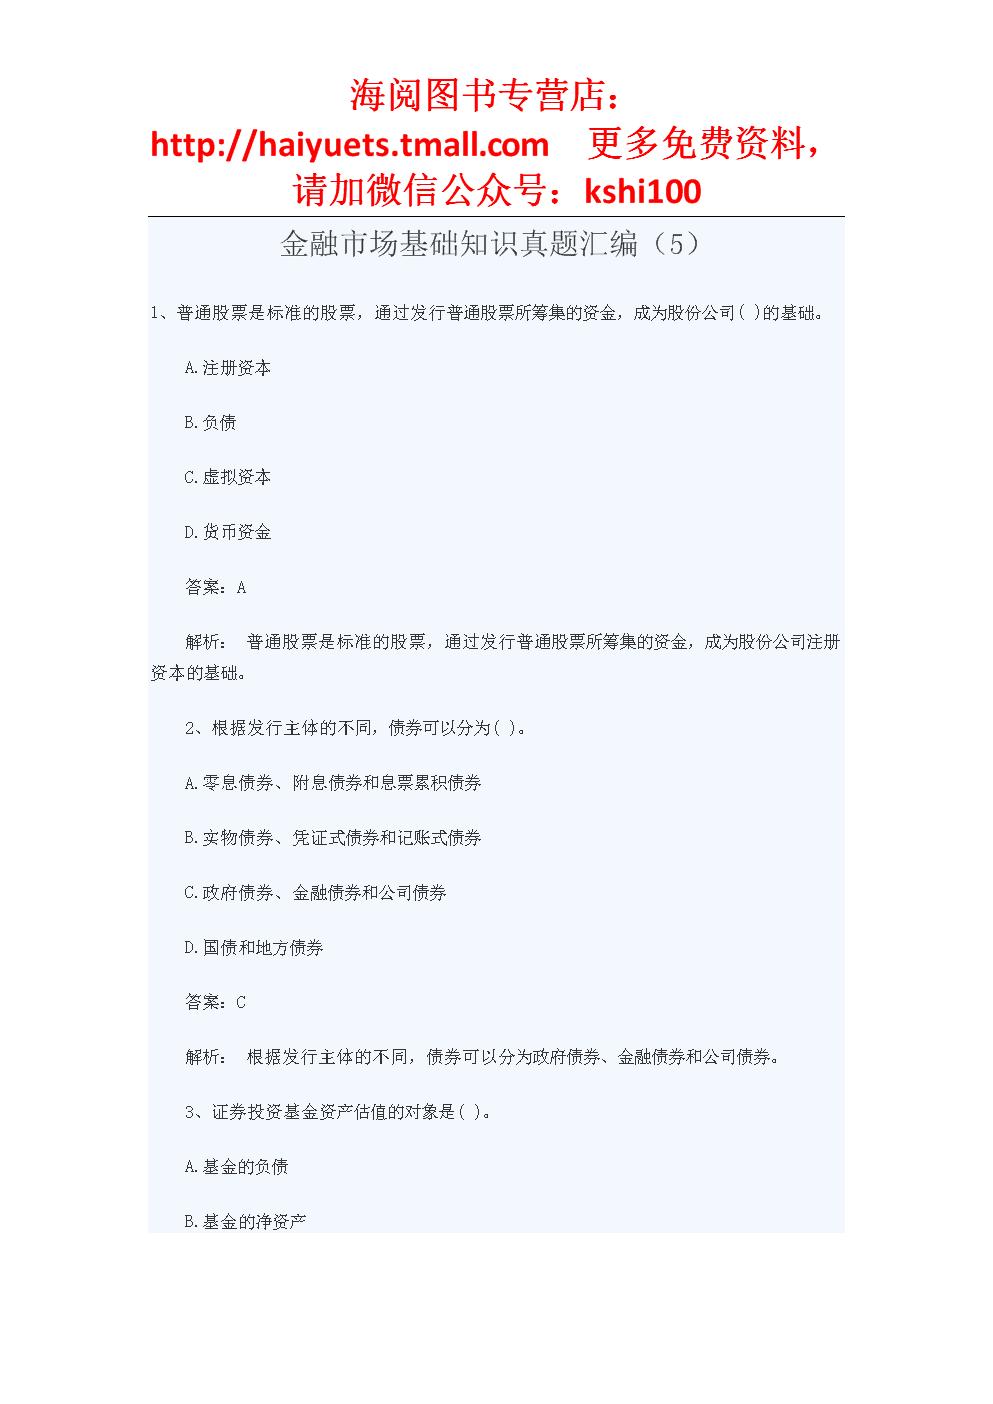 金融市场基础知识真题汇编 (5).docx